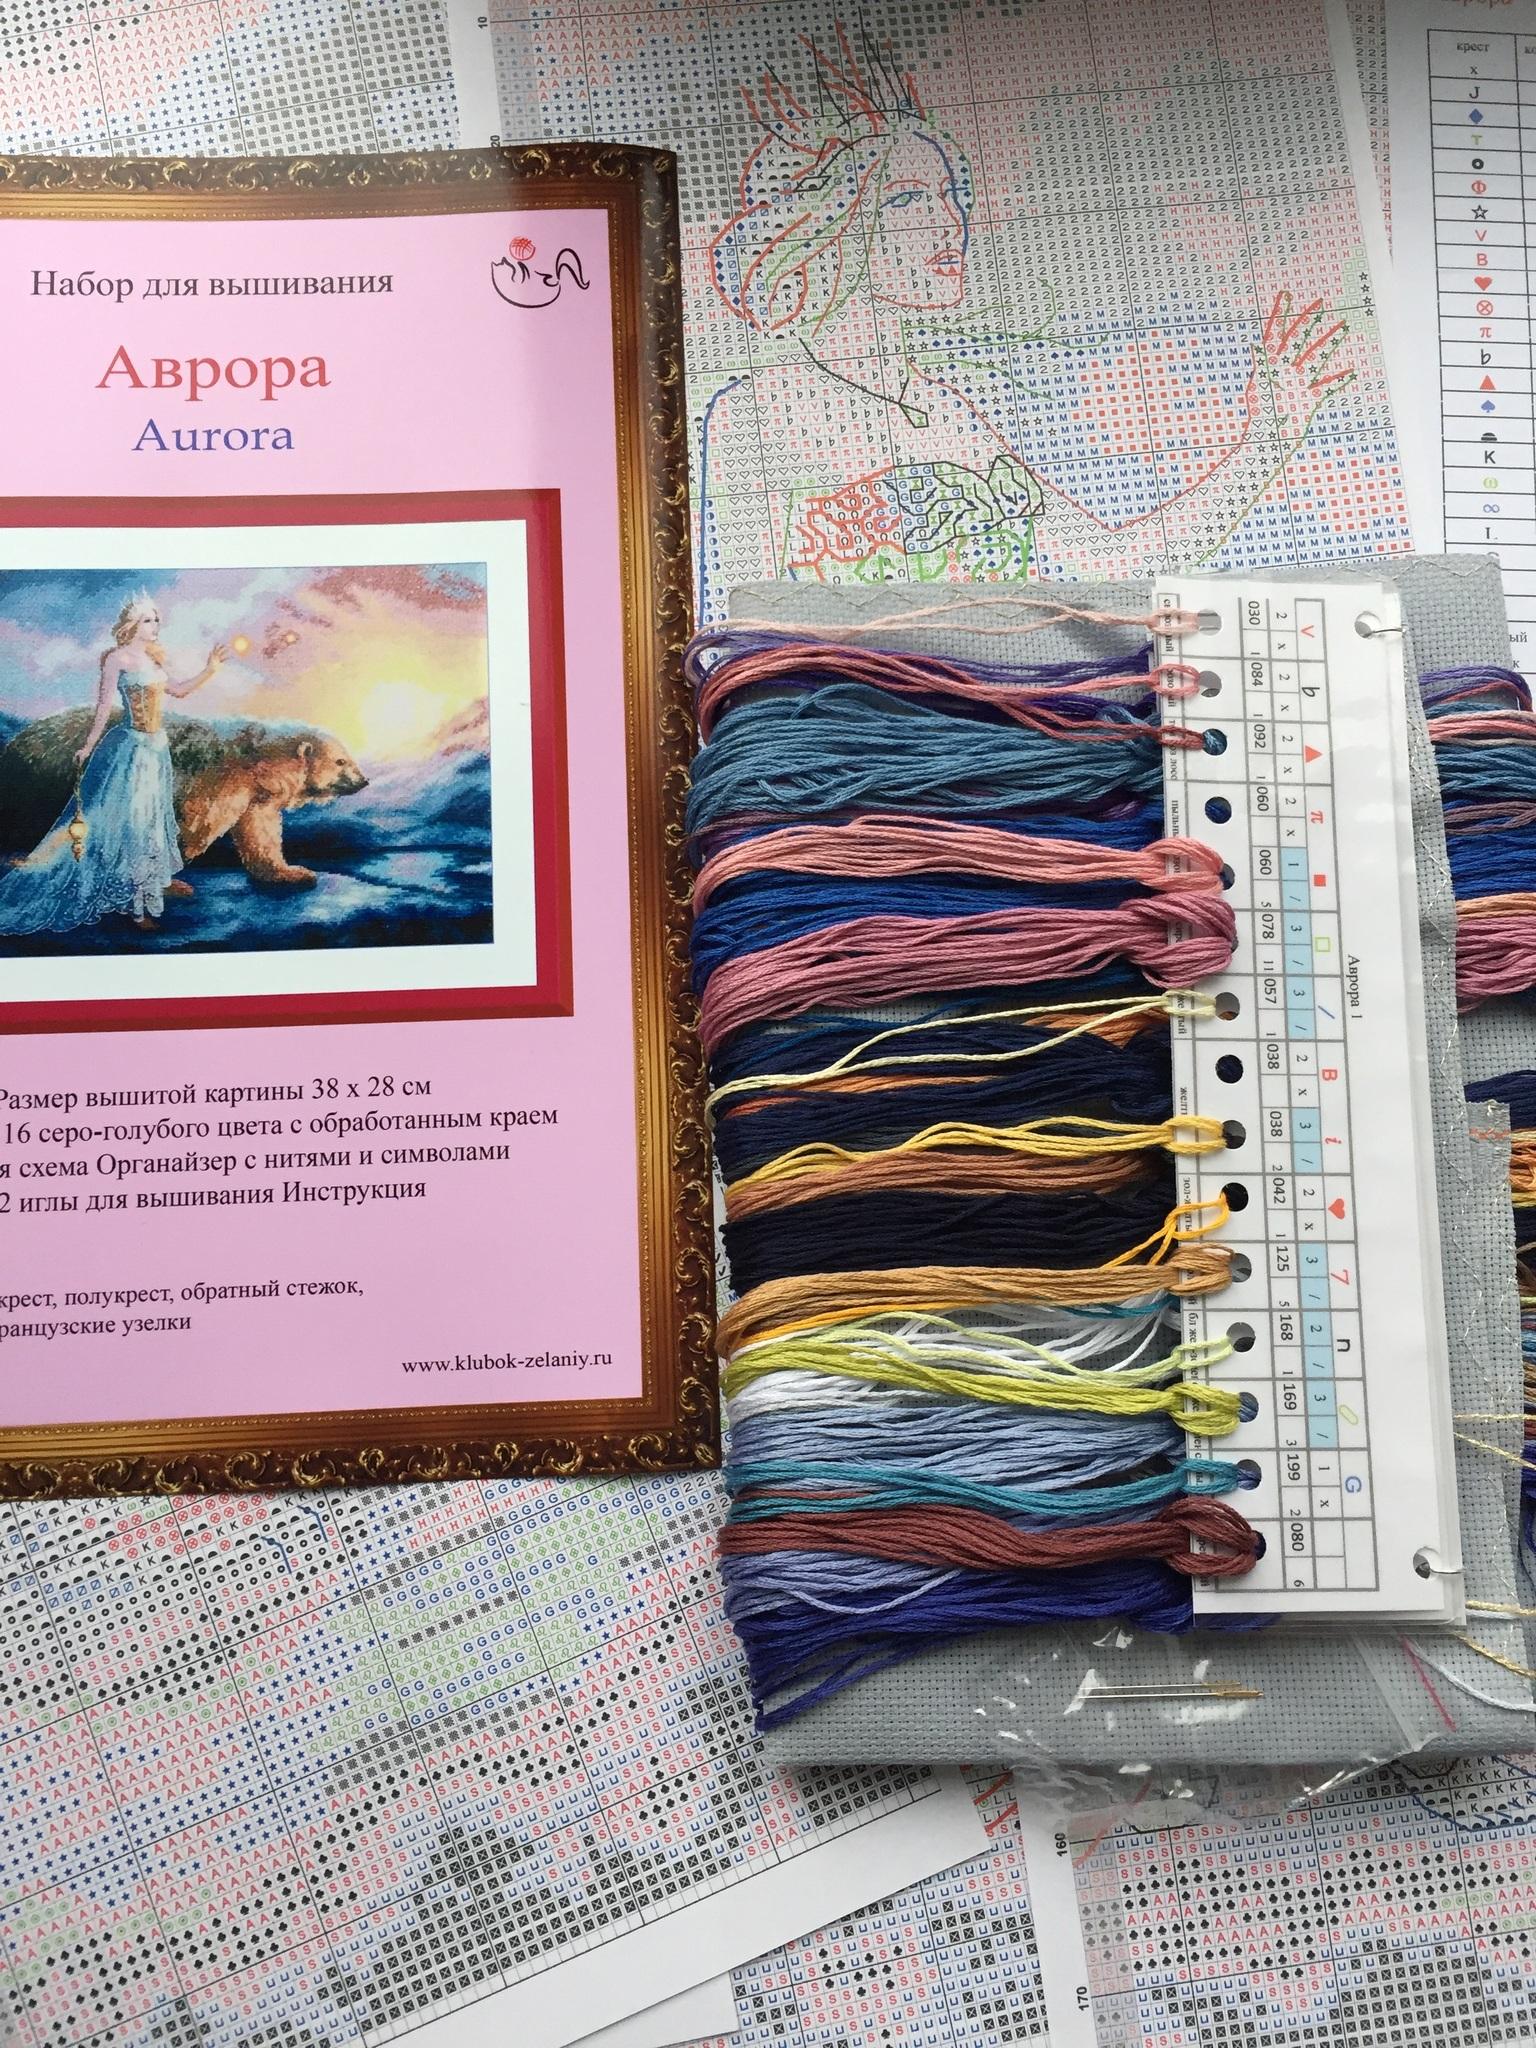 Набор для вышивания  Аврора. Aurora. Арт. 35291